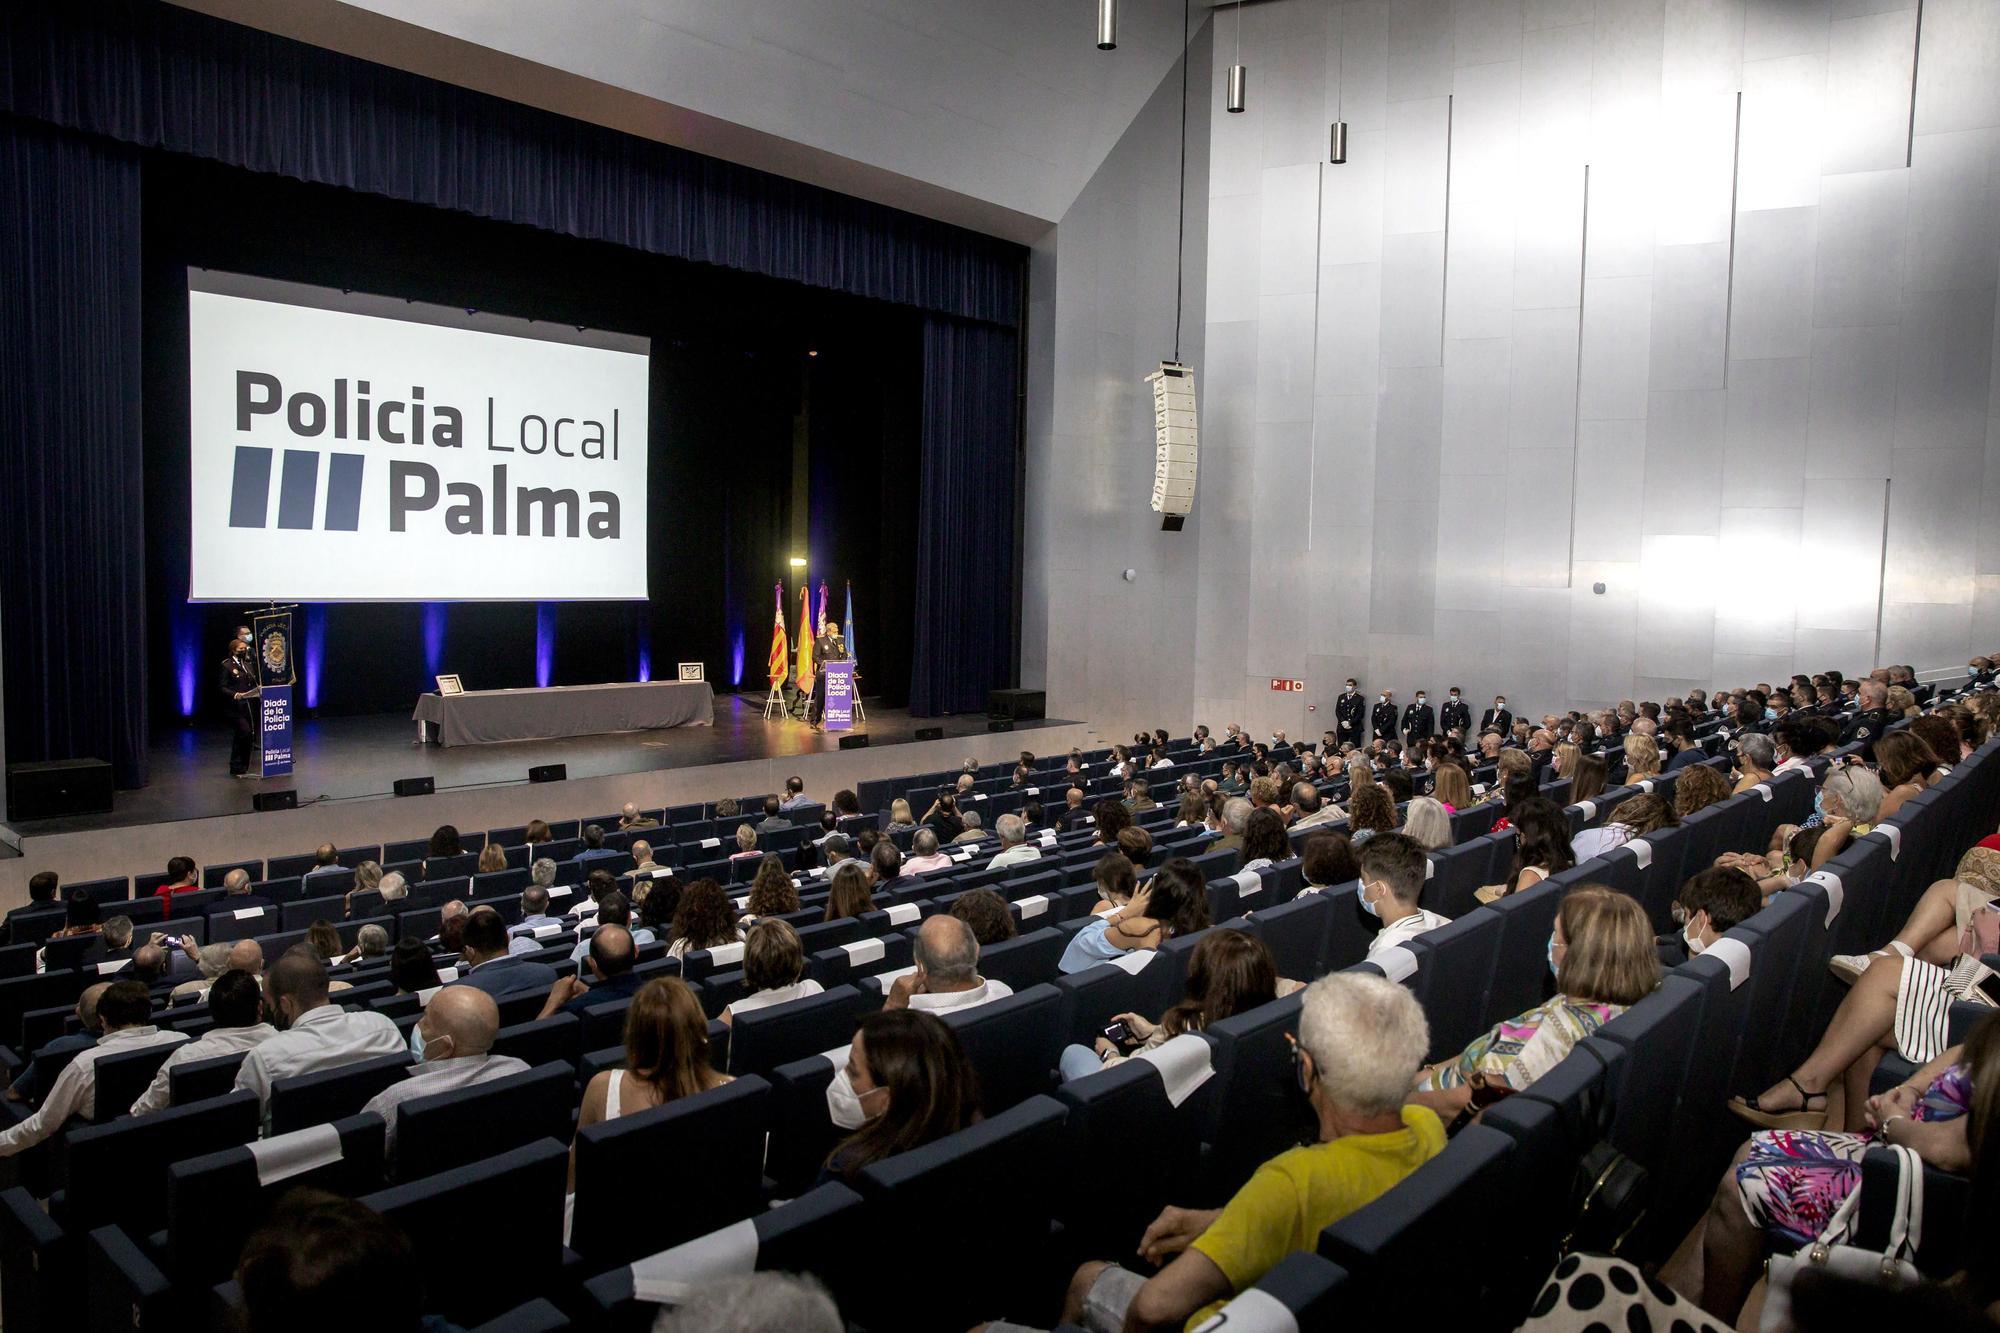 La Policía Local de Palma rinde homenaje al esfuerzo realizado por sus agentes durante la pandemia